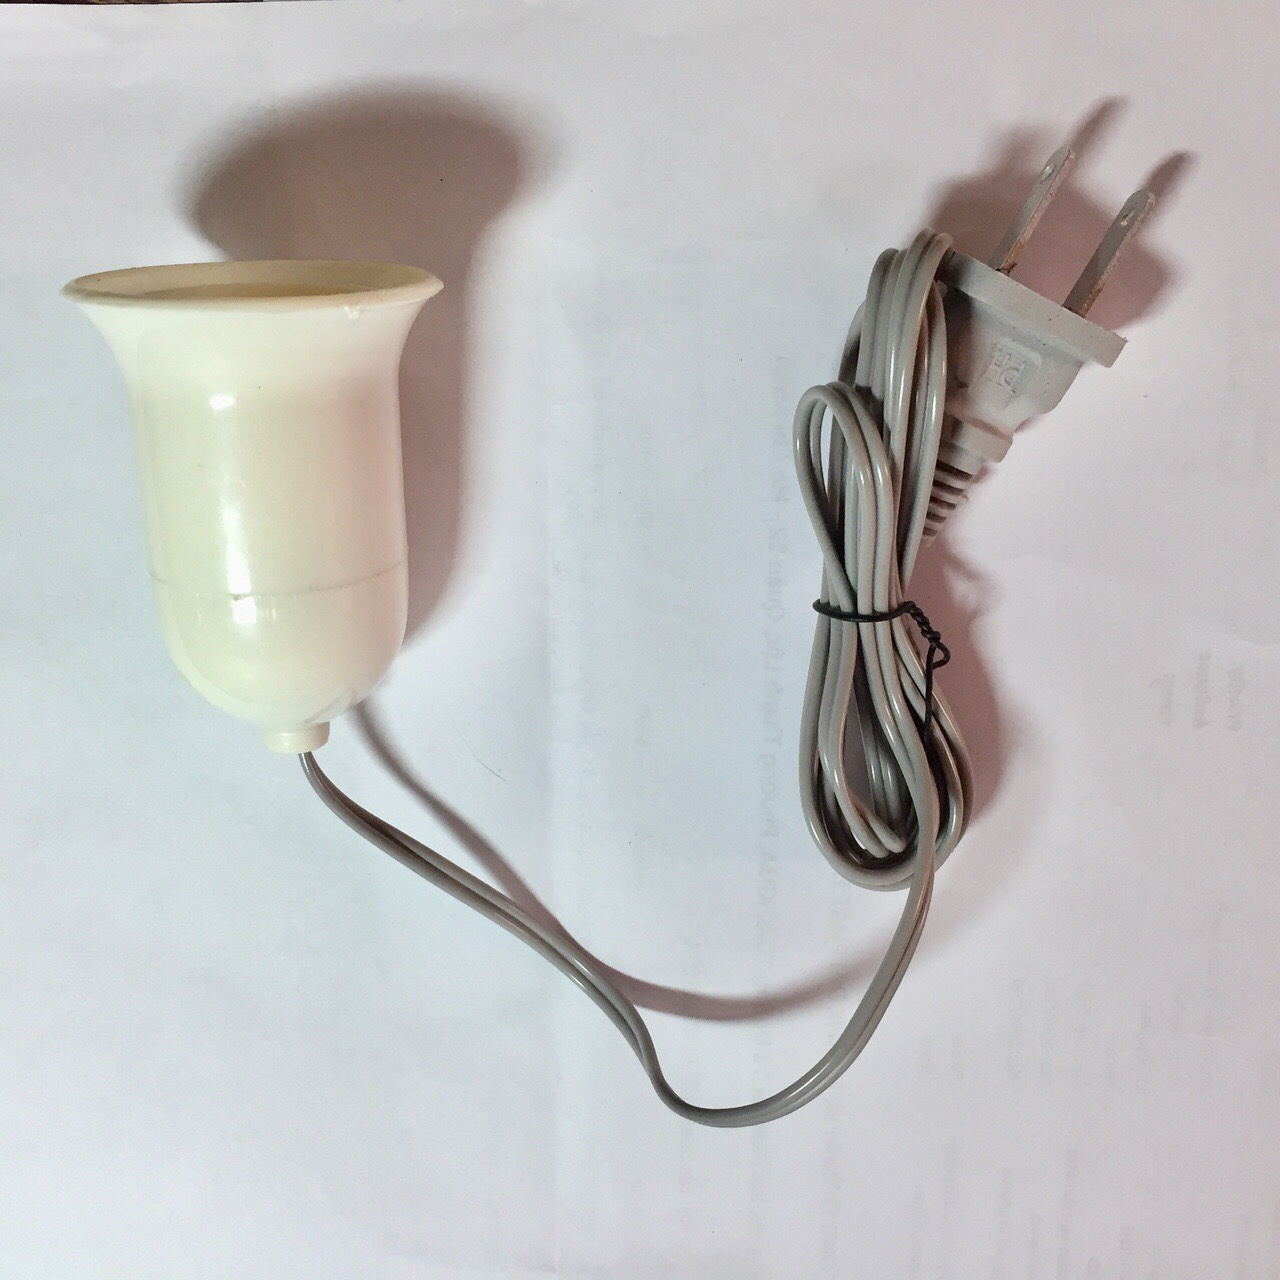 Chuôi bóng đèn có công tắc dây 1.5m (trắng)